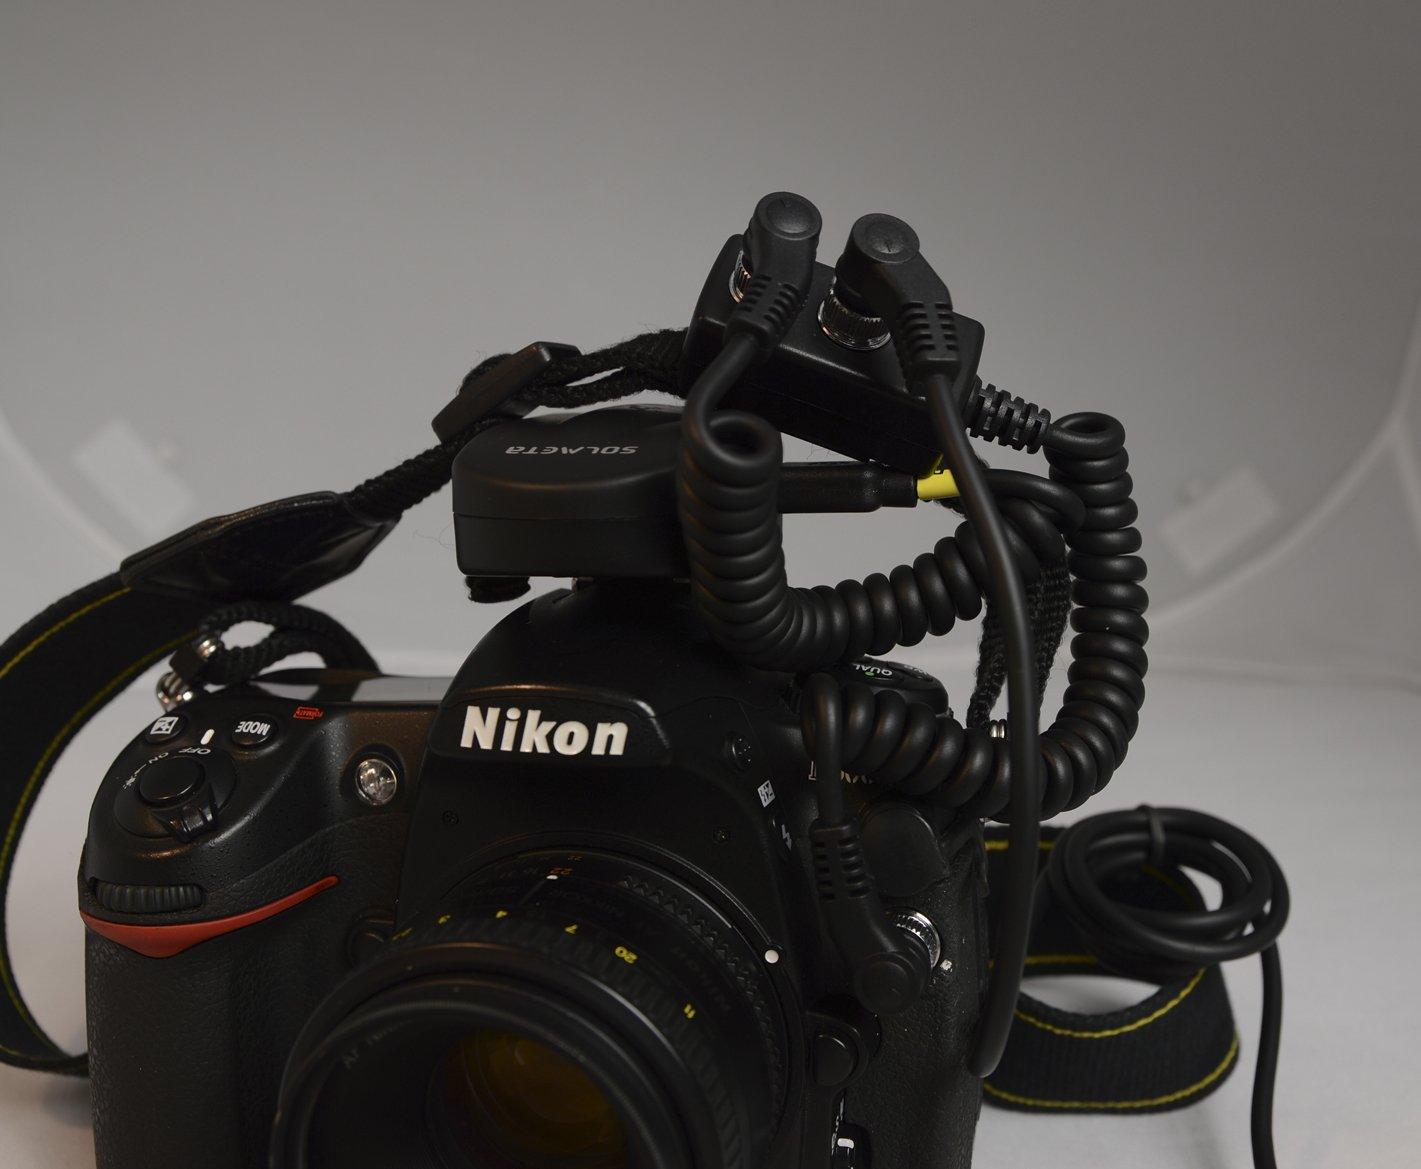 Solmeta 10 Pin Y Splitter Cable For Nikon Camera D800 Imaging Products Parts And Controls D800e D4 D3 Series D700 D300 D2x D2xs D2hs D200 Camcorder